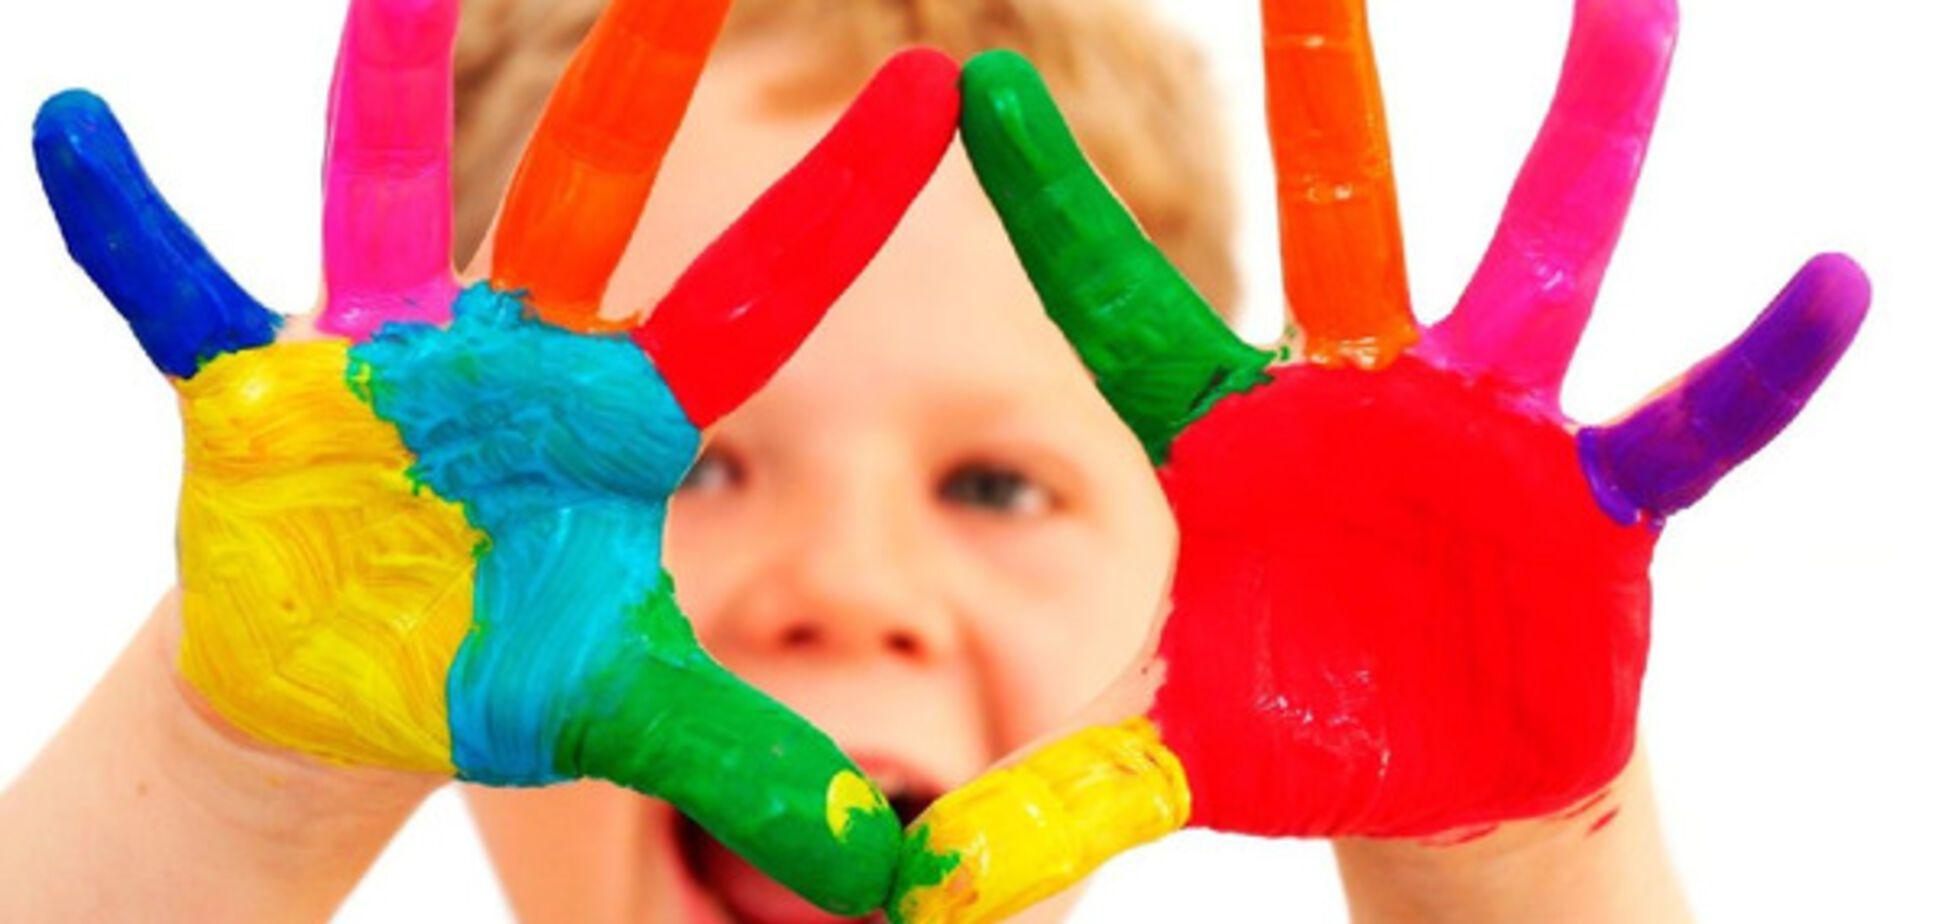 Міжнародний день захисту дітей: куди піти з дитиною